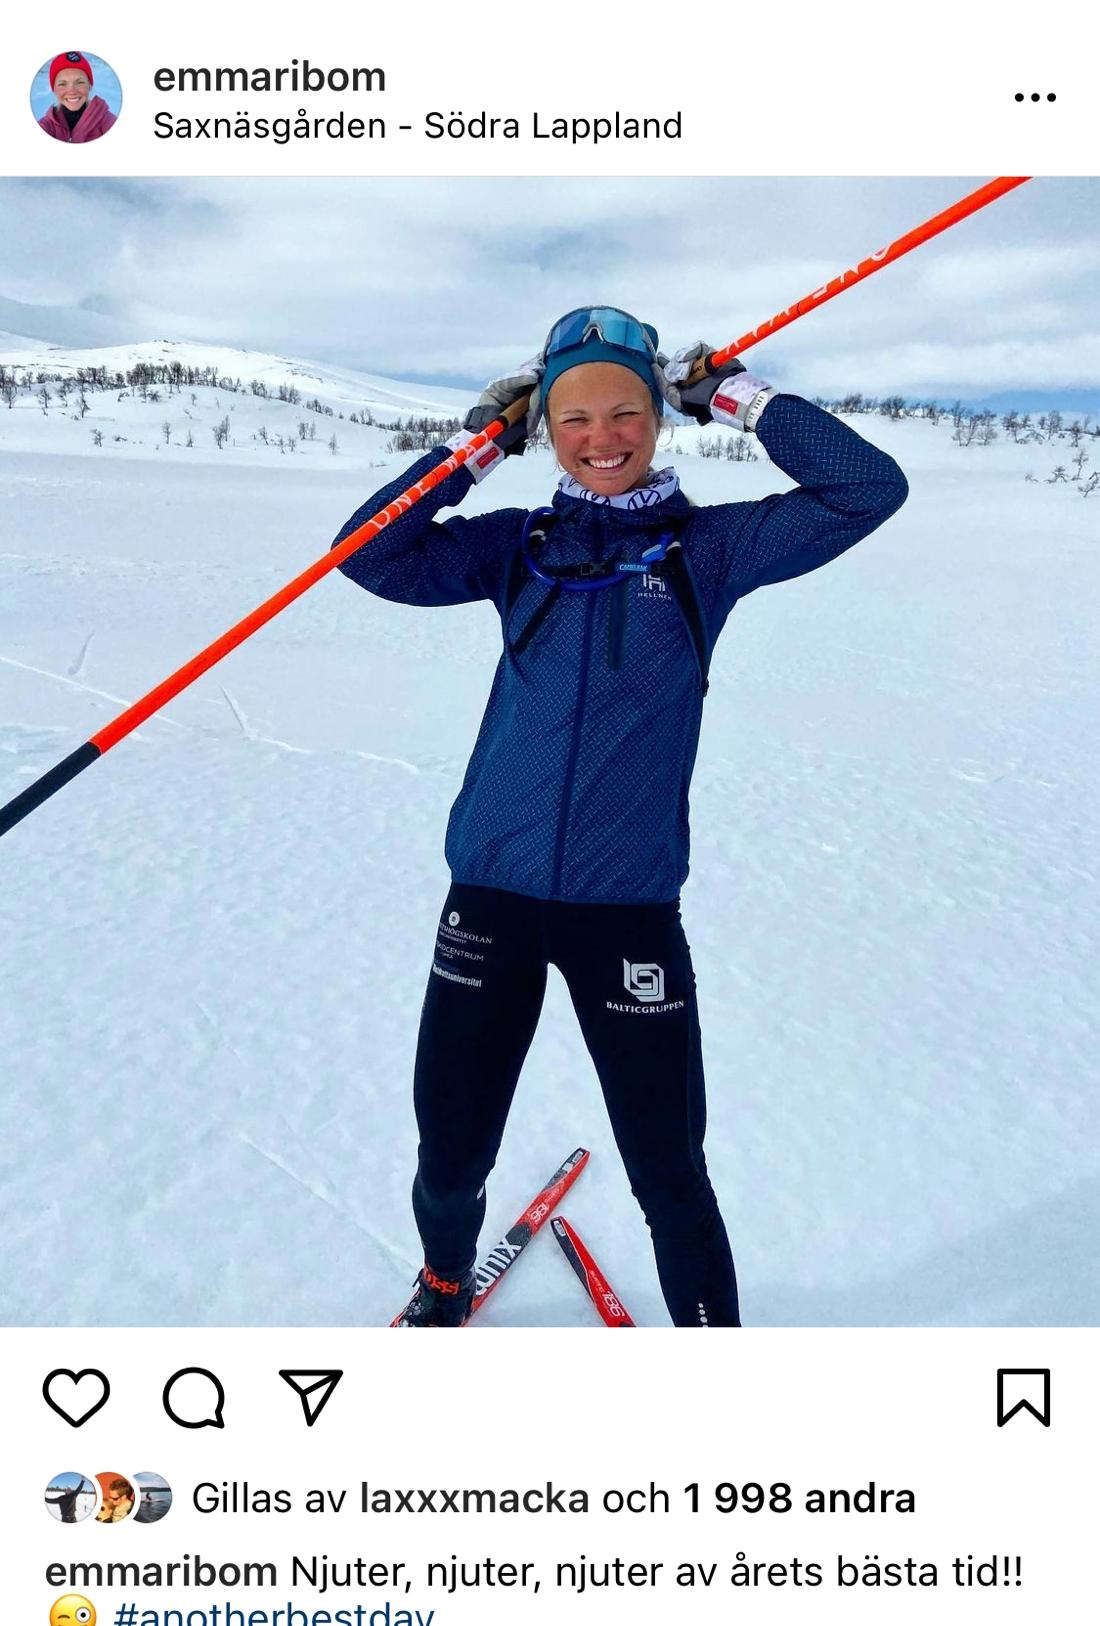 23 maj var sista passet på snö för Emma Ribom under våren. Här är Emma vid Saxnäs några veckor tidigare. FOTO: Emma Ribom Instagram.